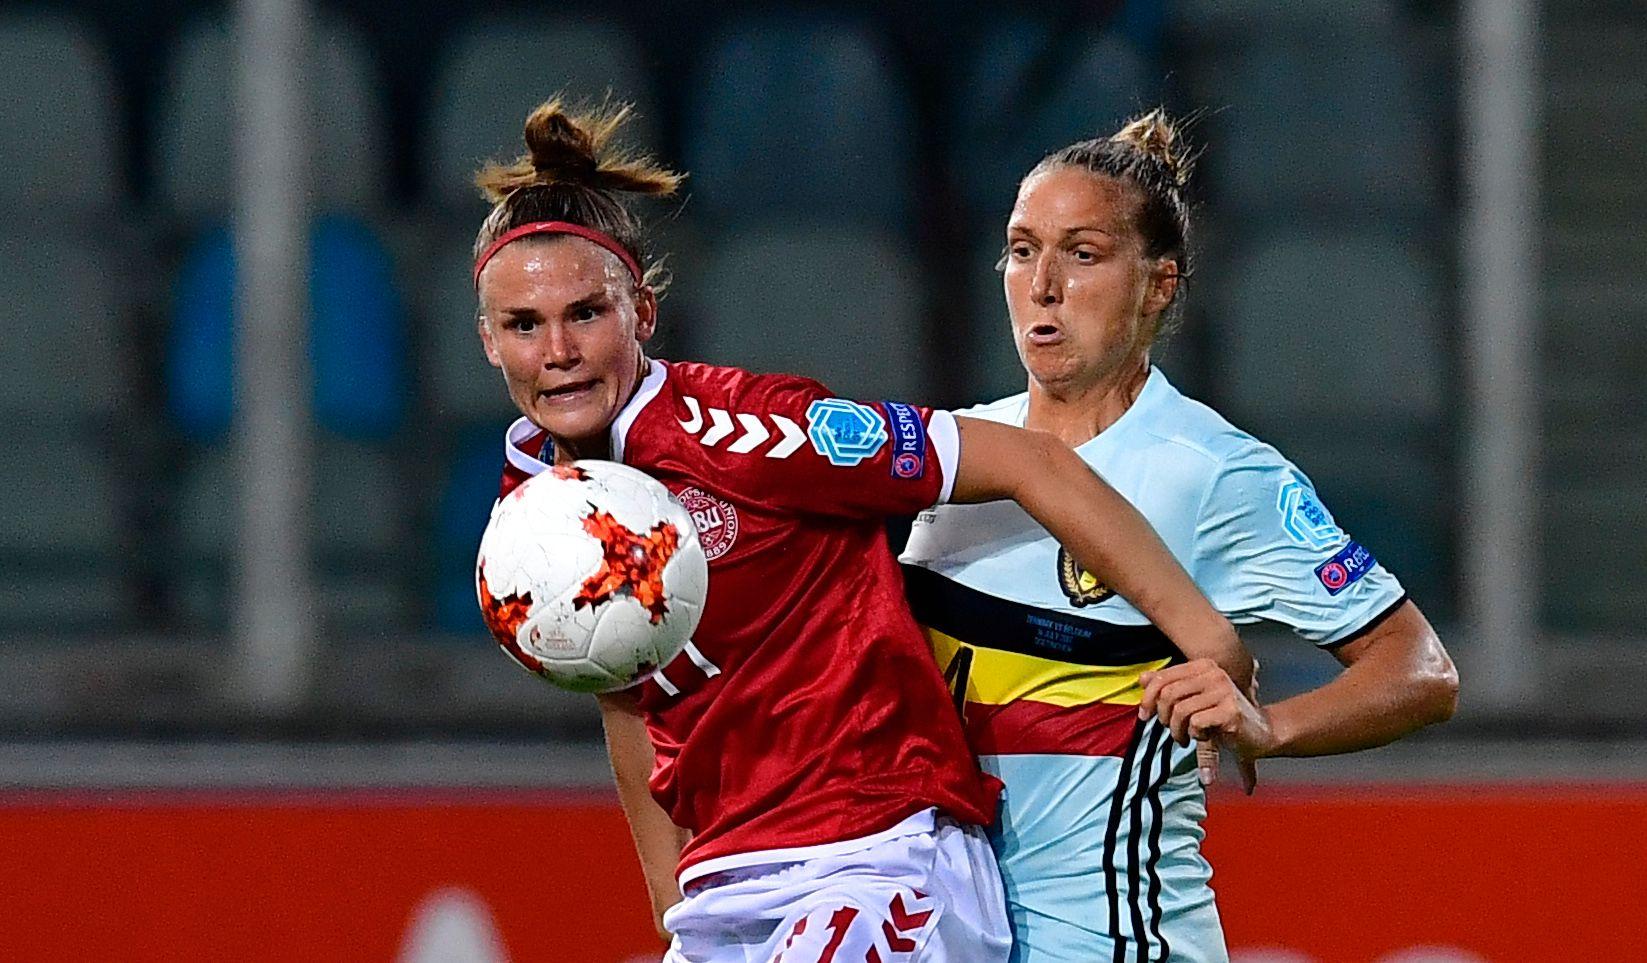 DANSK SEIER: Danmark og Katrine Veje slo Maud Couterelees og Belgia 1-0 i åpningskampen.